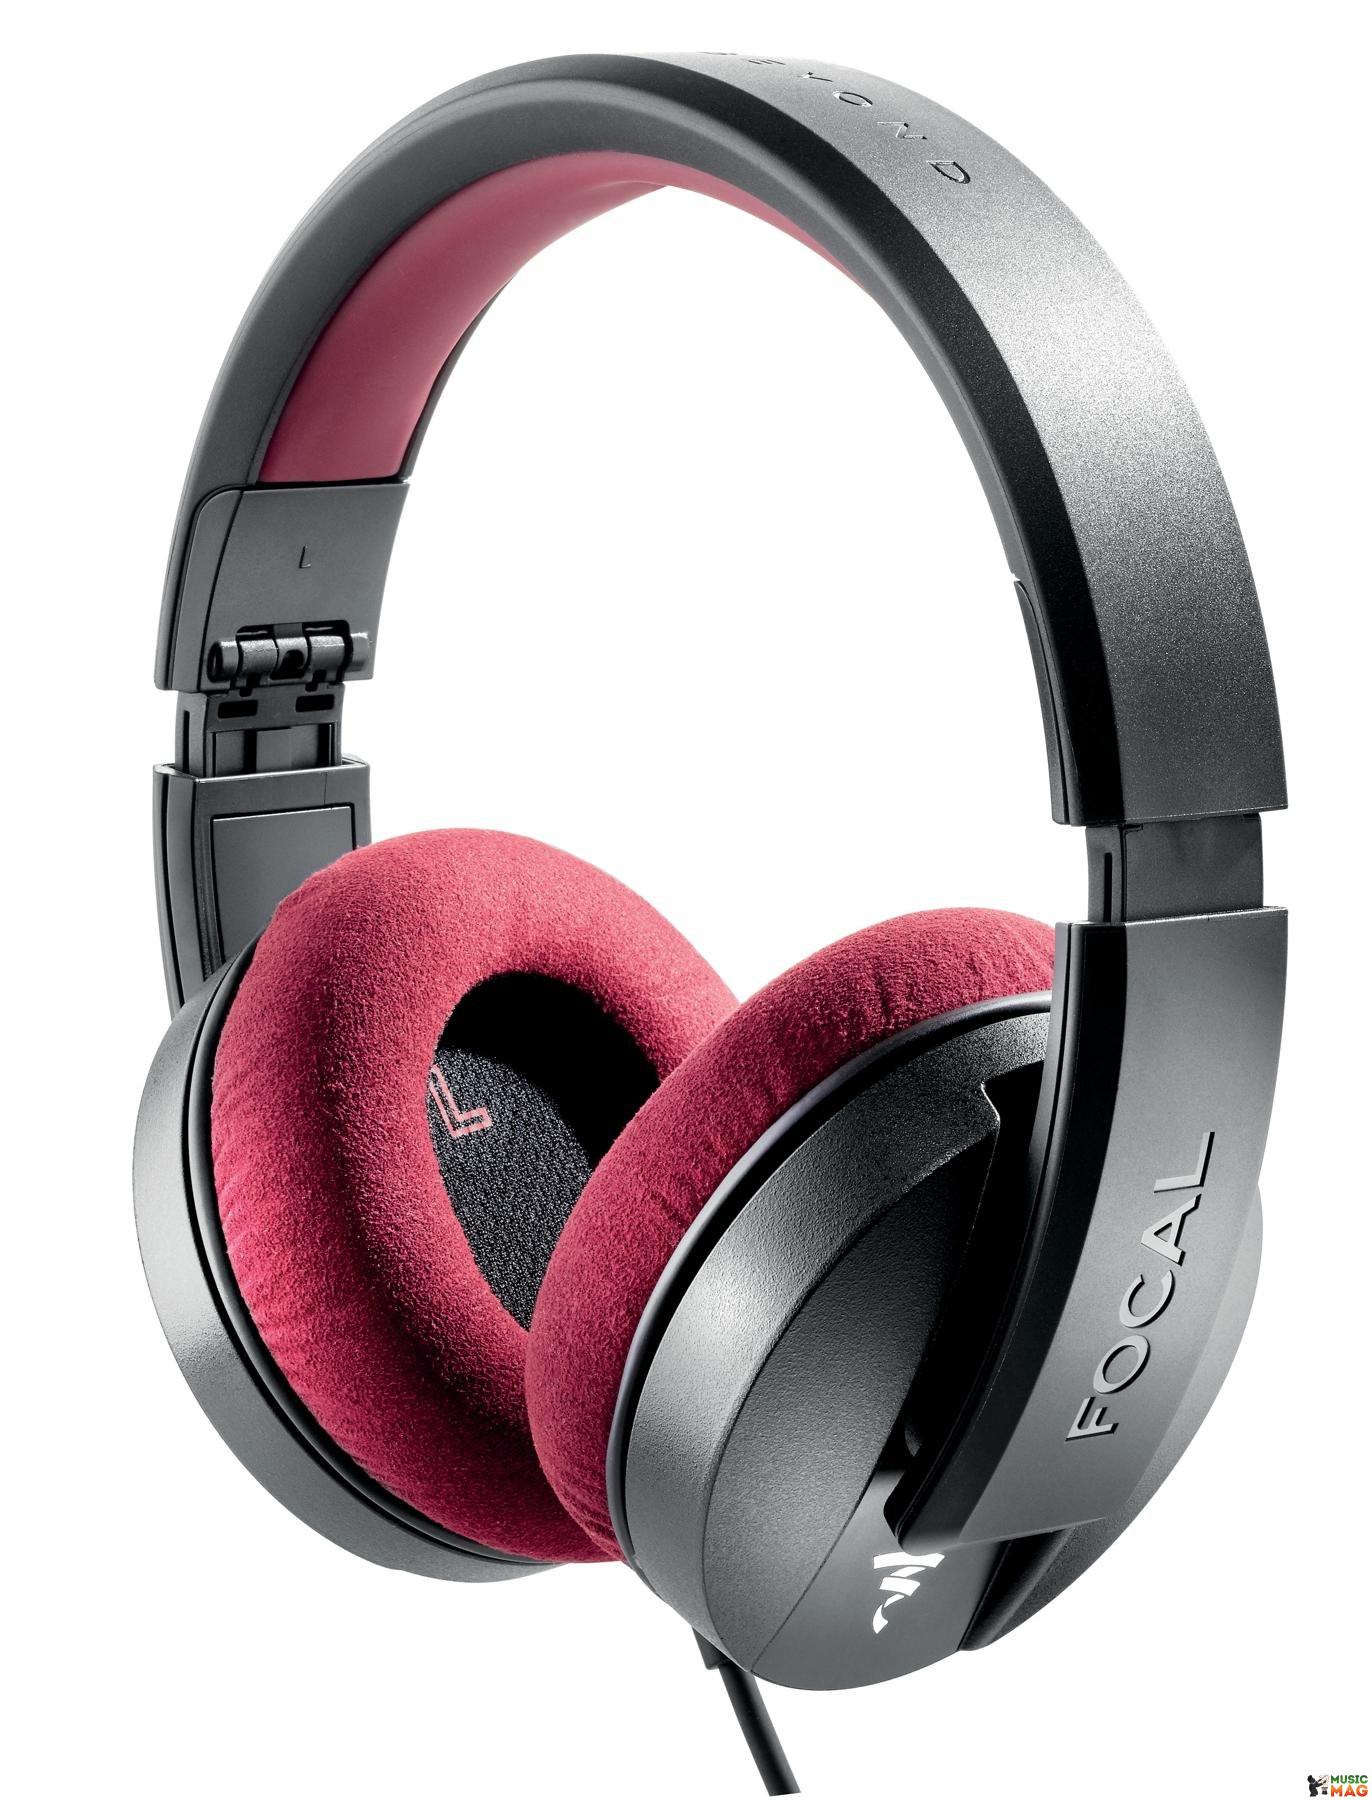 Focal Listen Pro цена купить Hi Fihi End Focal Listen Pro в киеве